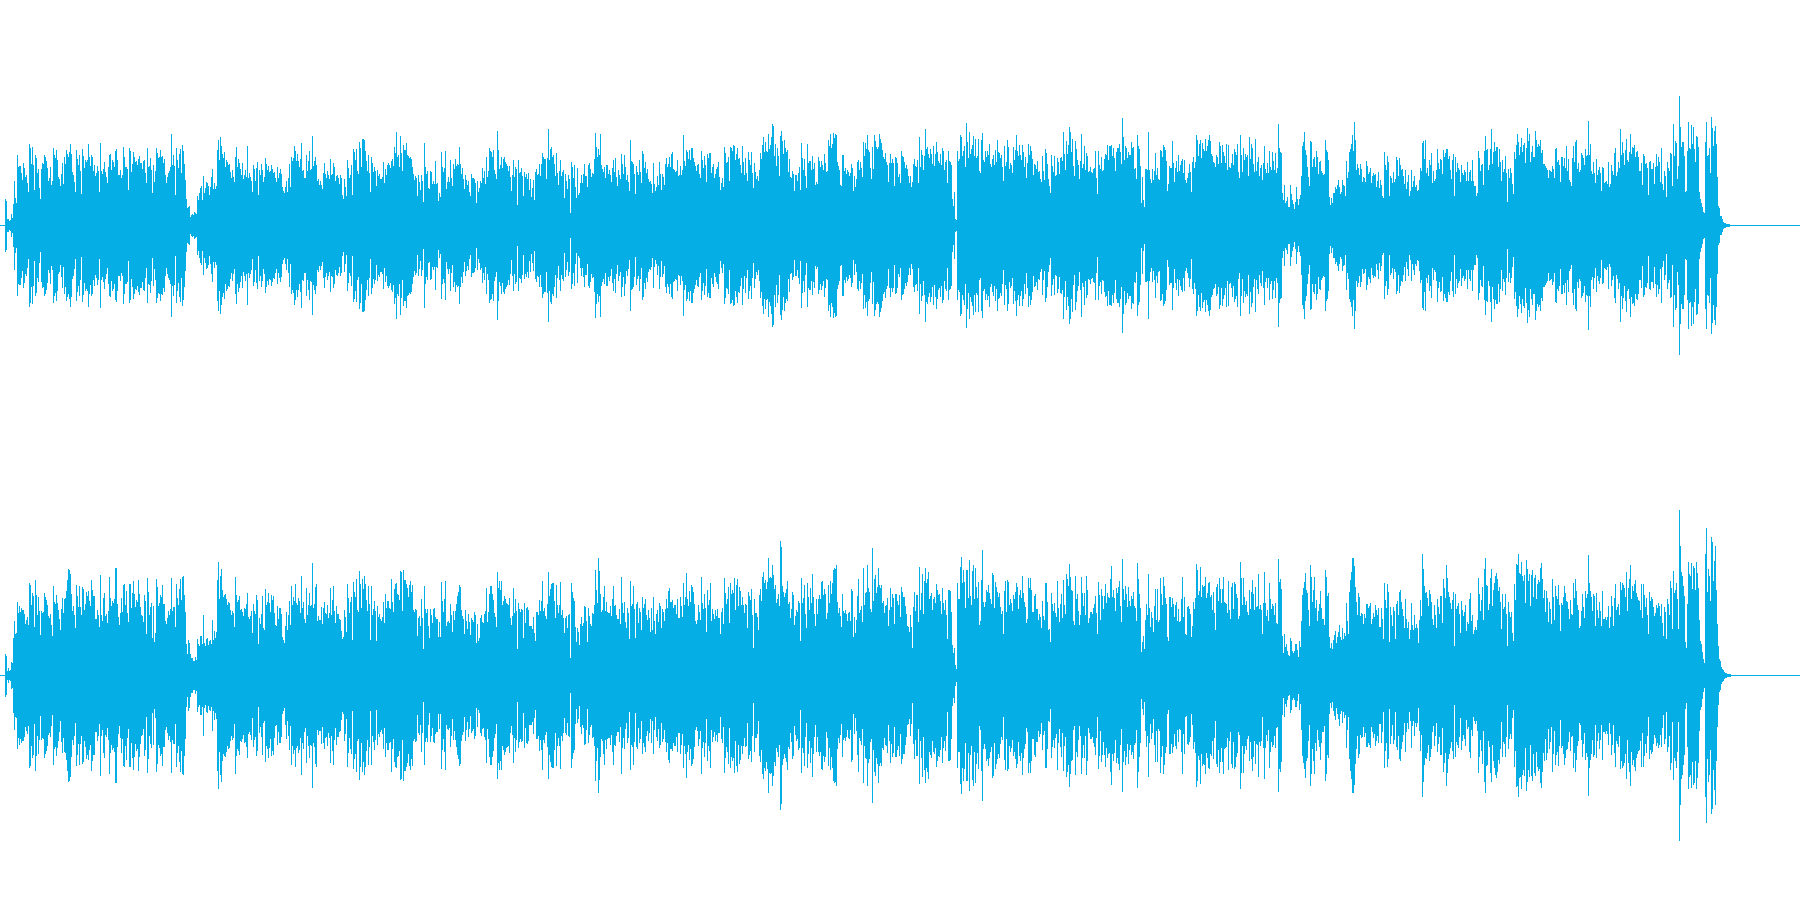 ヨーロピアンカラーの端麗なポップチューンの再生済みの波形